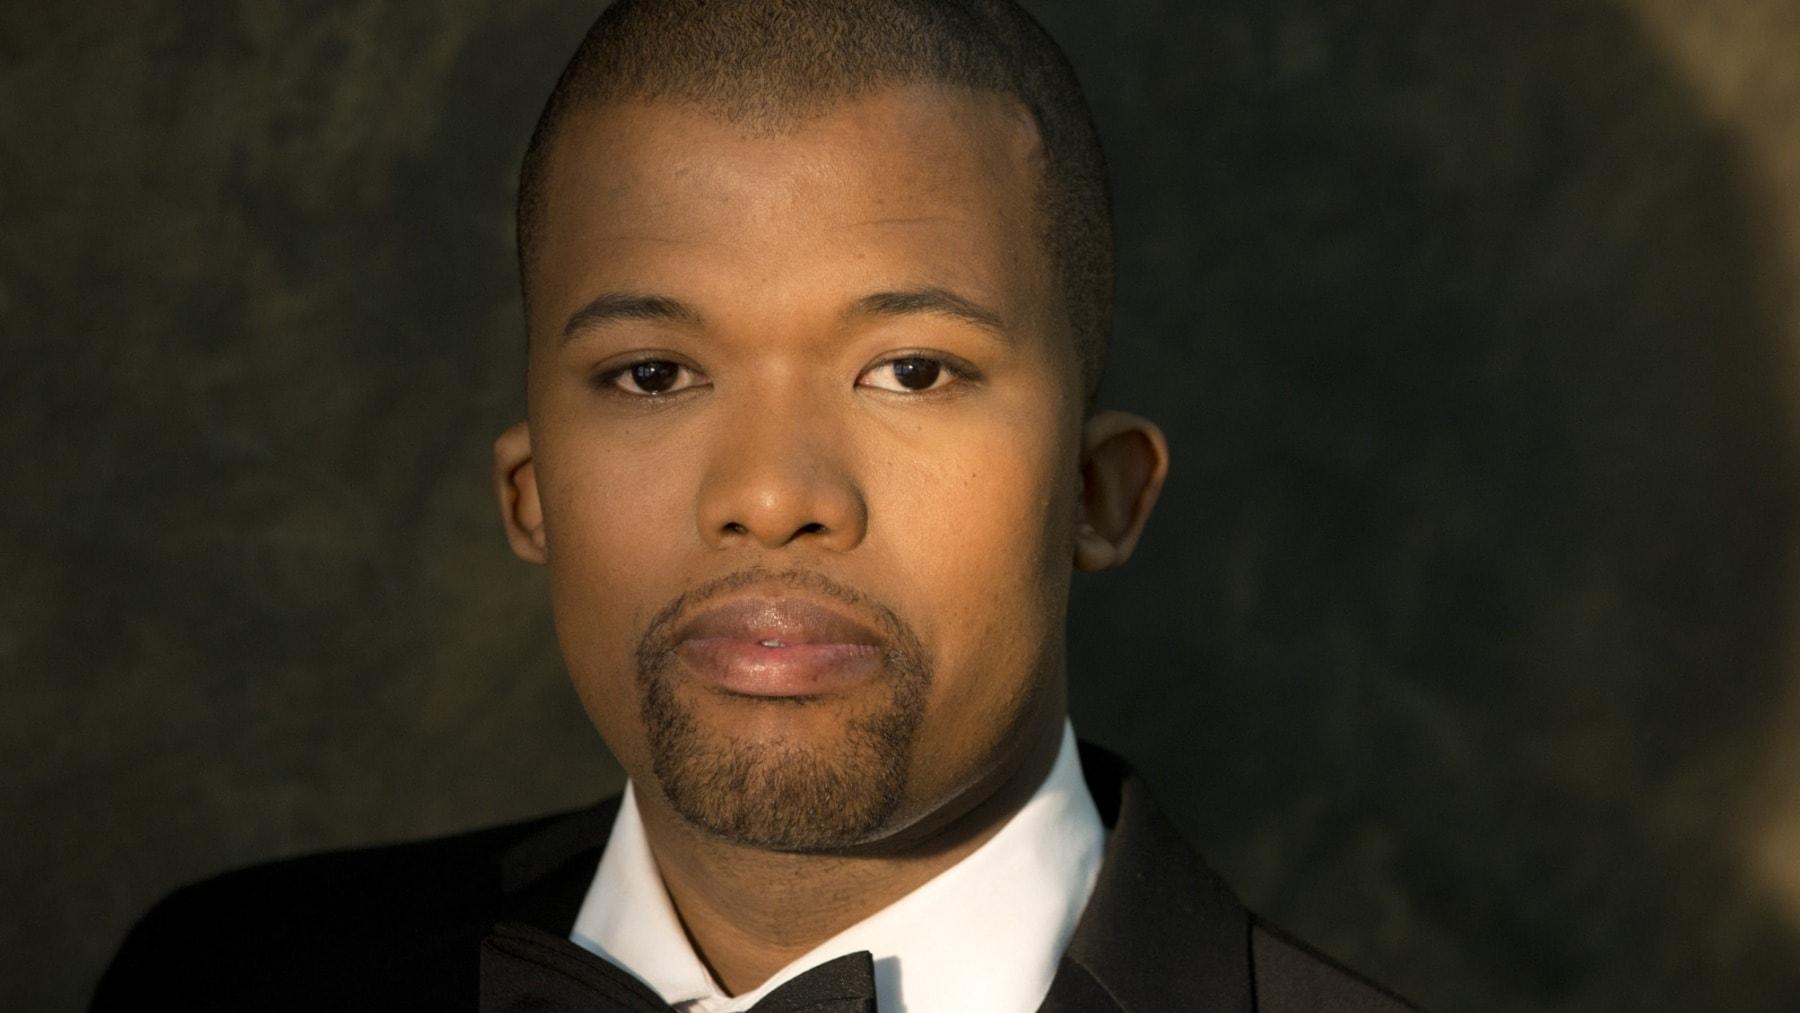 KONSERT: Barytonstjärnan Luthando Qave i musik av Tebogo Monnakgotla